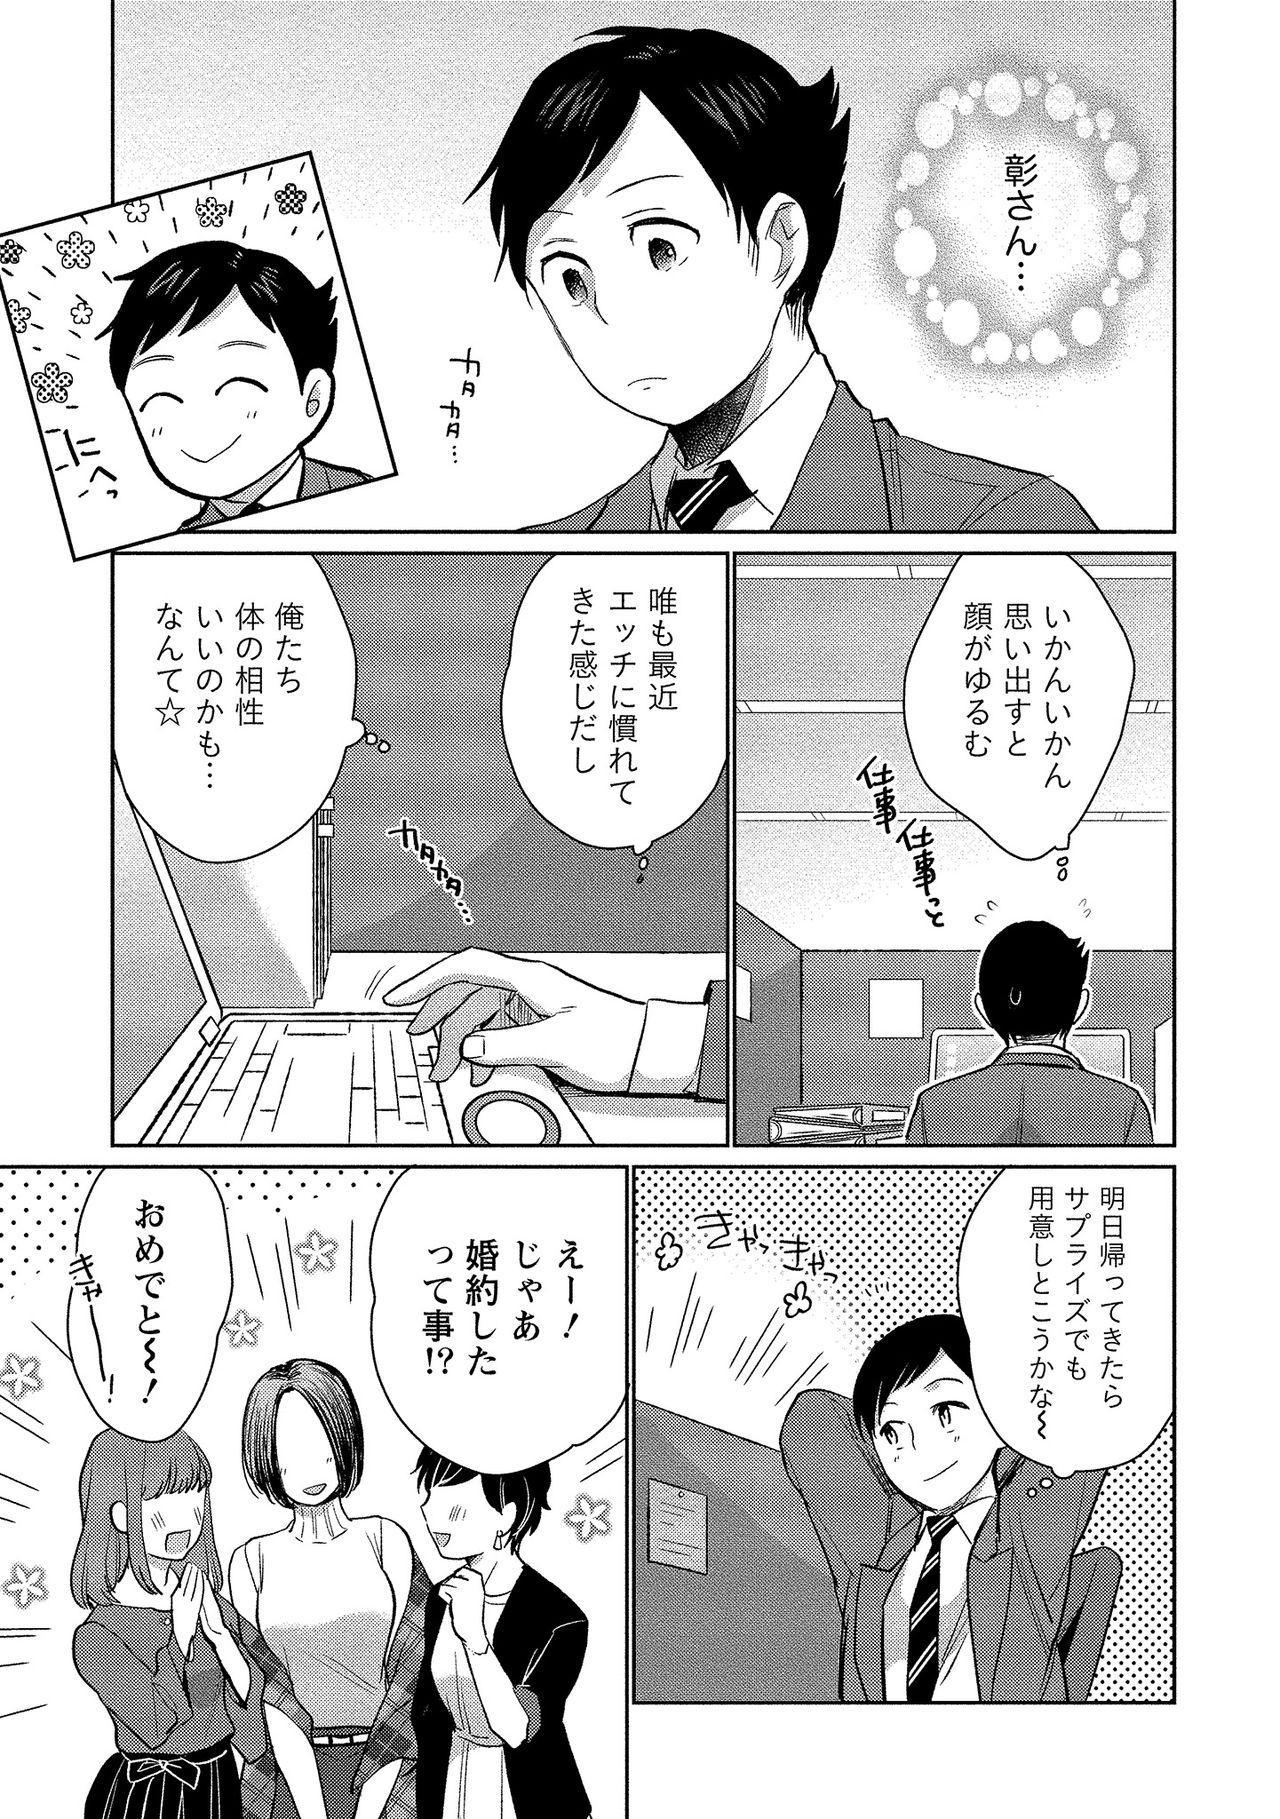 Dorobou Neko wa Kanojo no Hajimari 137